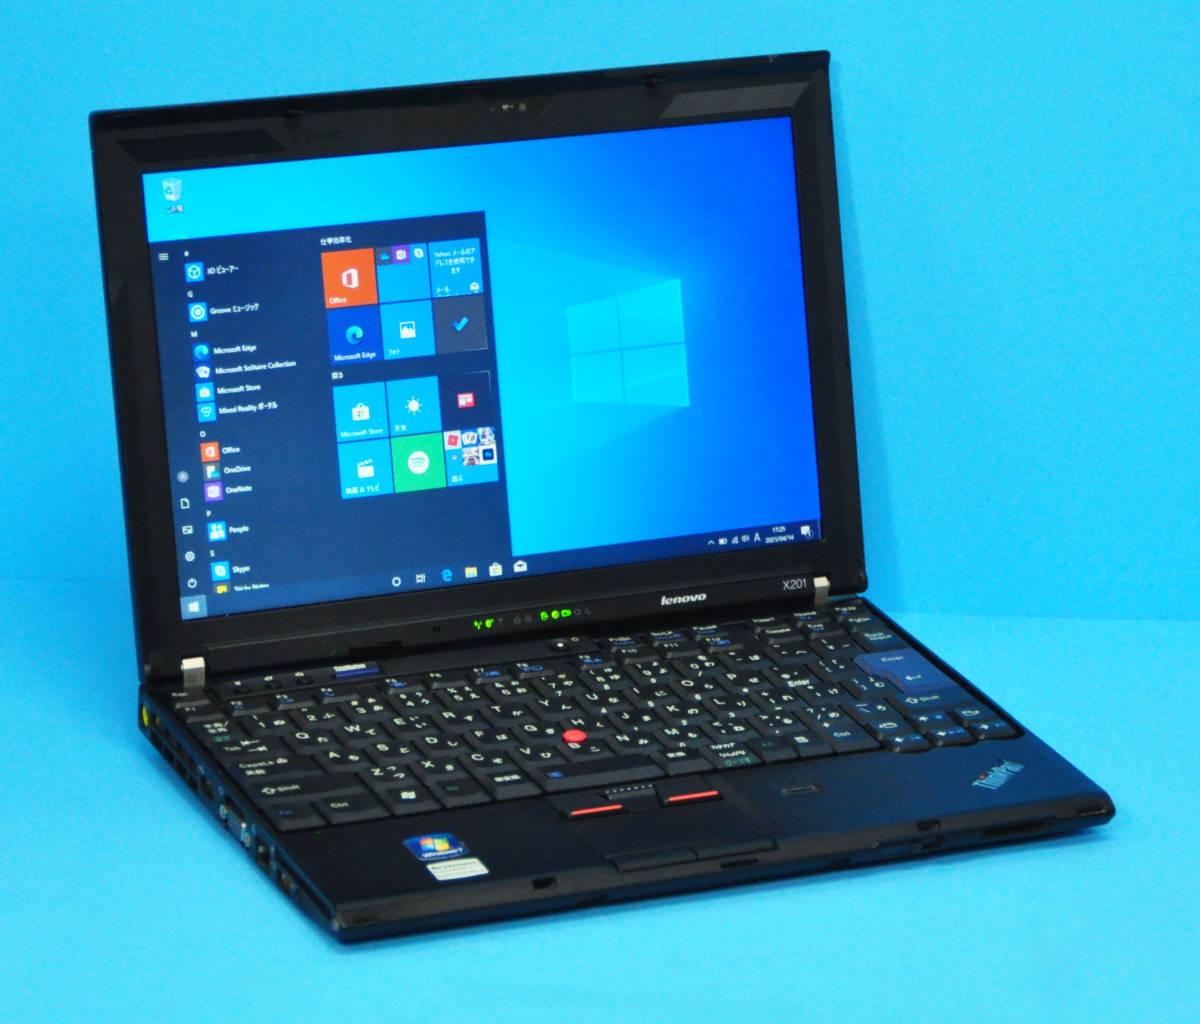 ♪ 良品 上位モデル ThinkPad X201 ♪ ターボ 高速Core i7-620M 新品SSD240GB メモリ6GB カメラ バッテリー大 Wlan Office2019 Win10_画像7